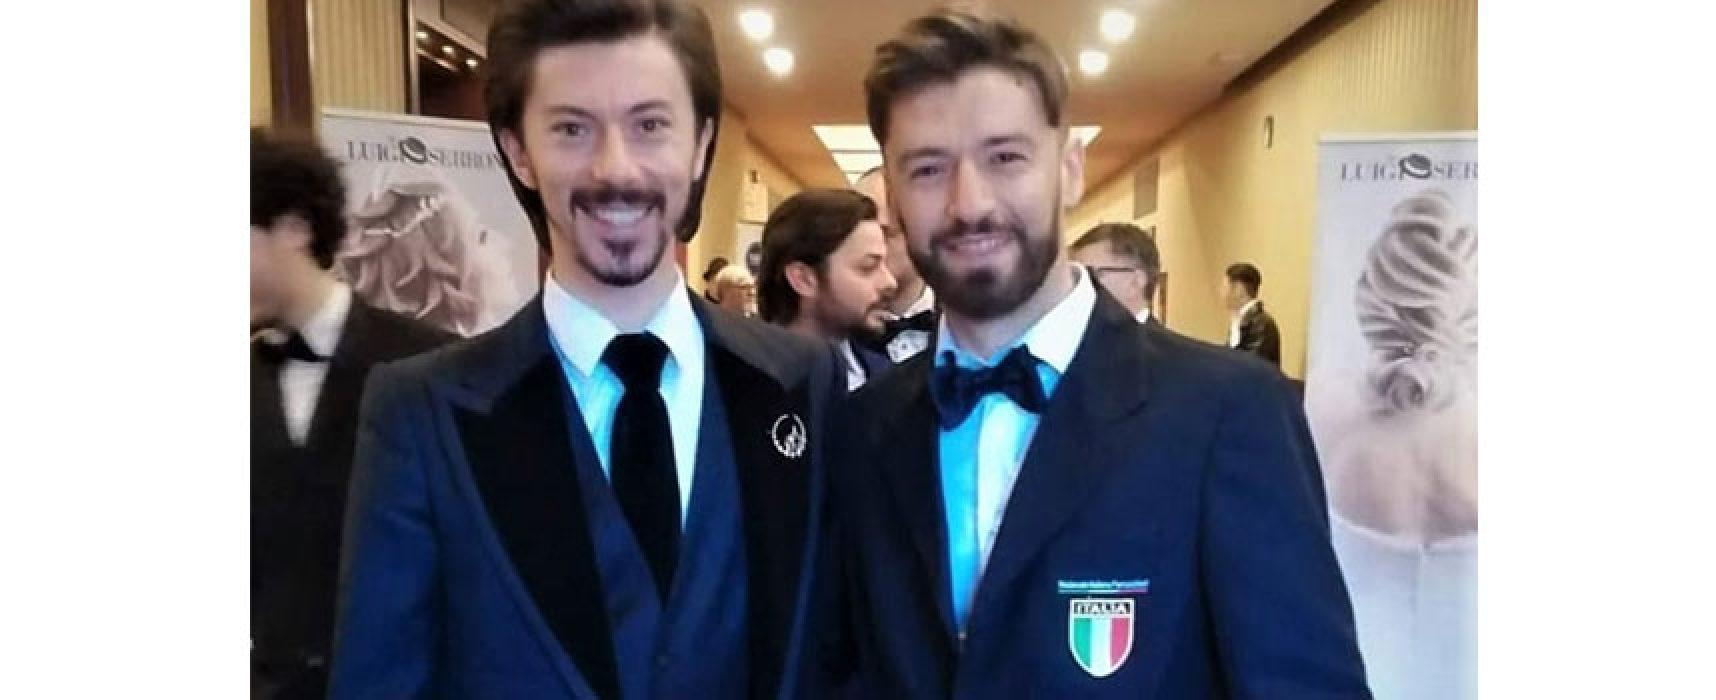 L'acconciatore biscegliese Leo Todisco in giuria al Campionato Italiano / FOTO